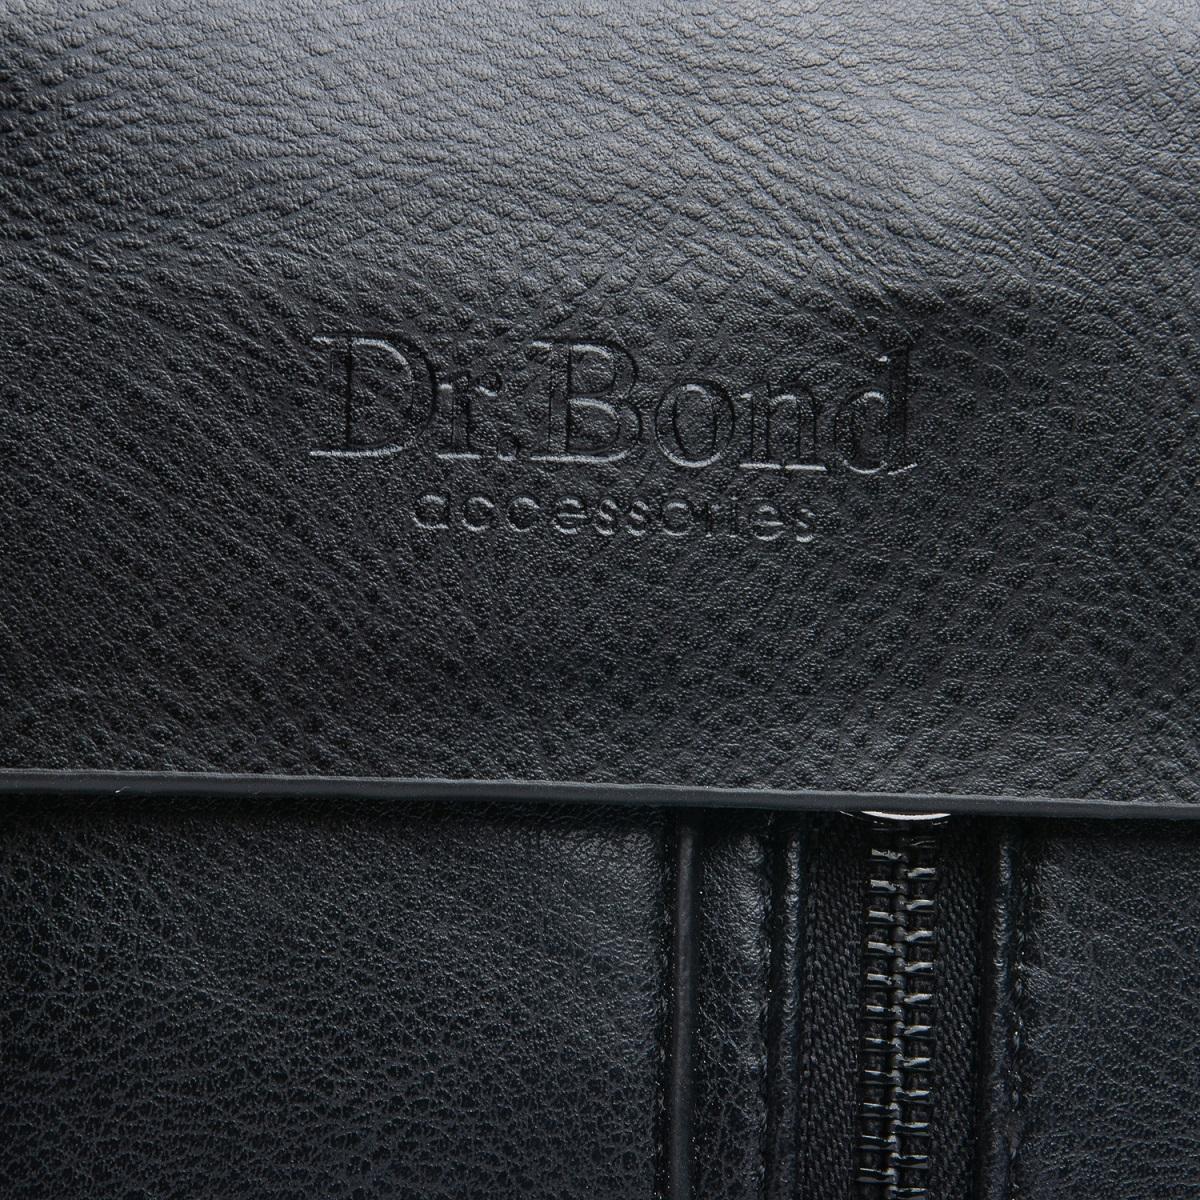 Сумка Мужская Планшет иск-кожа DR. BOND GL 318-0 black - фото 5